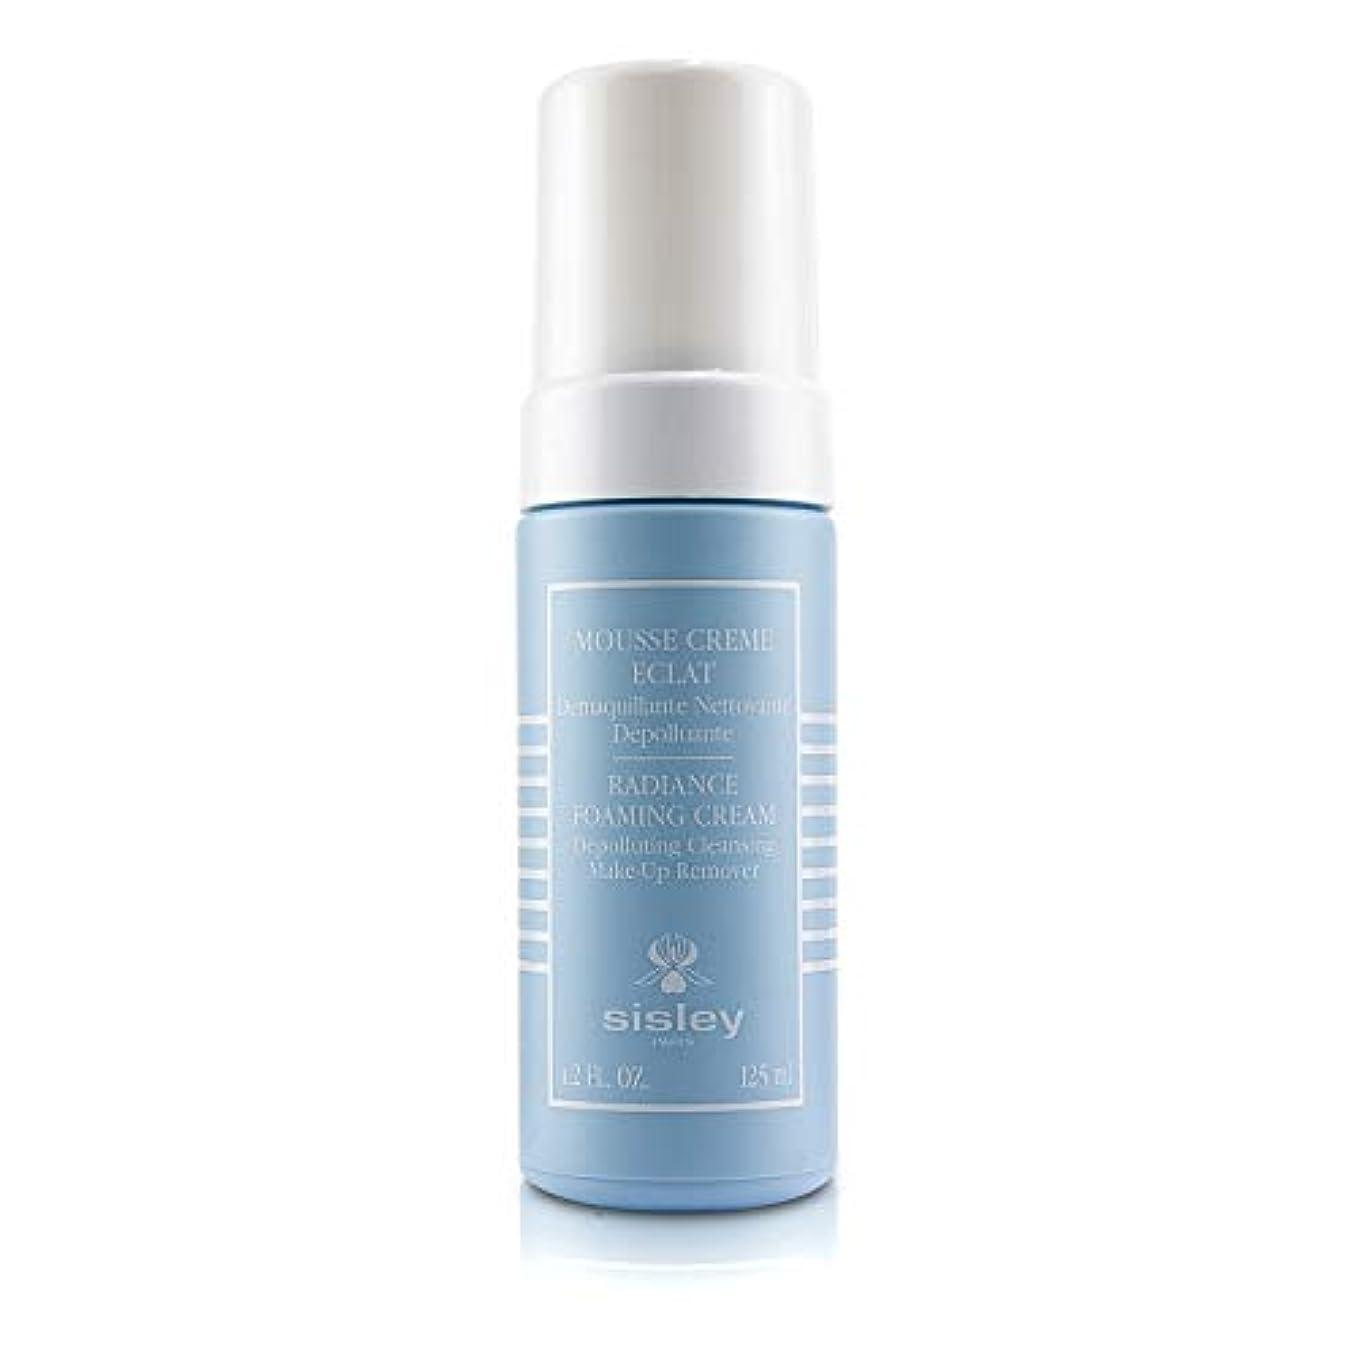 懇願する吸い込む集中的なシスレー Radiance Foaming Cream Depolluting Cleansing Make-Up Remover 125ml/4.2oz並行輸入品